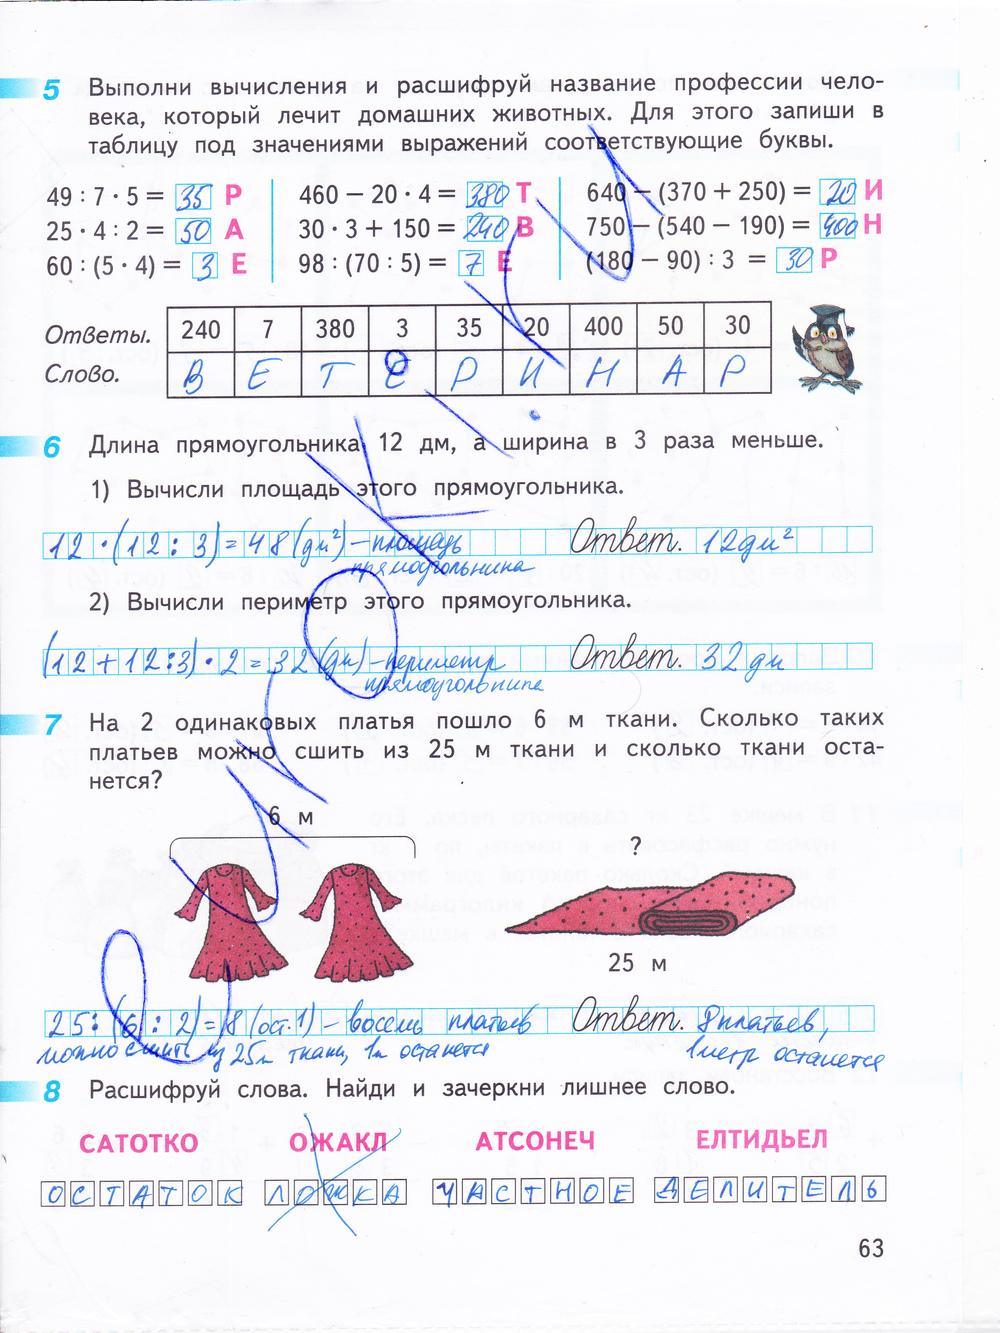 Гдз По Математике 3 Класс Дорофеев Миракова Бука 1 Часть Рабочий Тетрадь